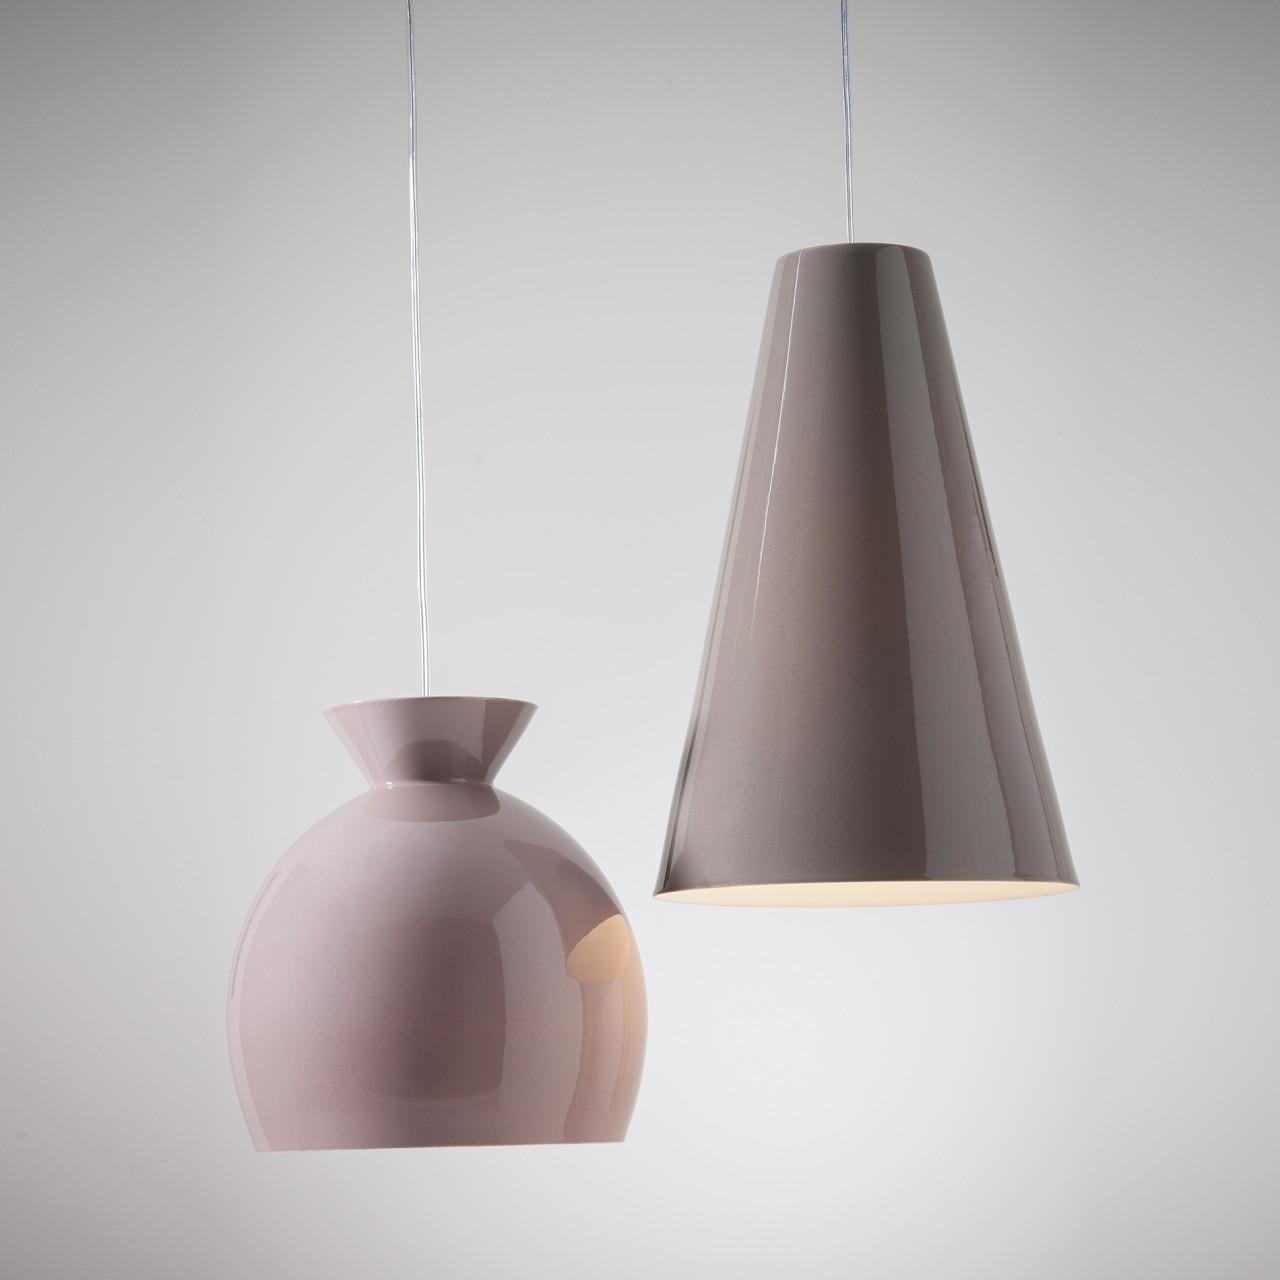 Светильники в стиле минимализм Sospensioni